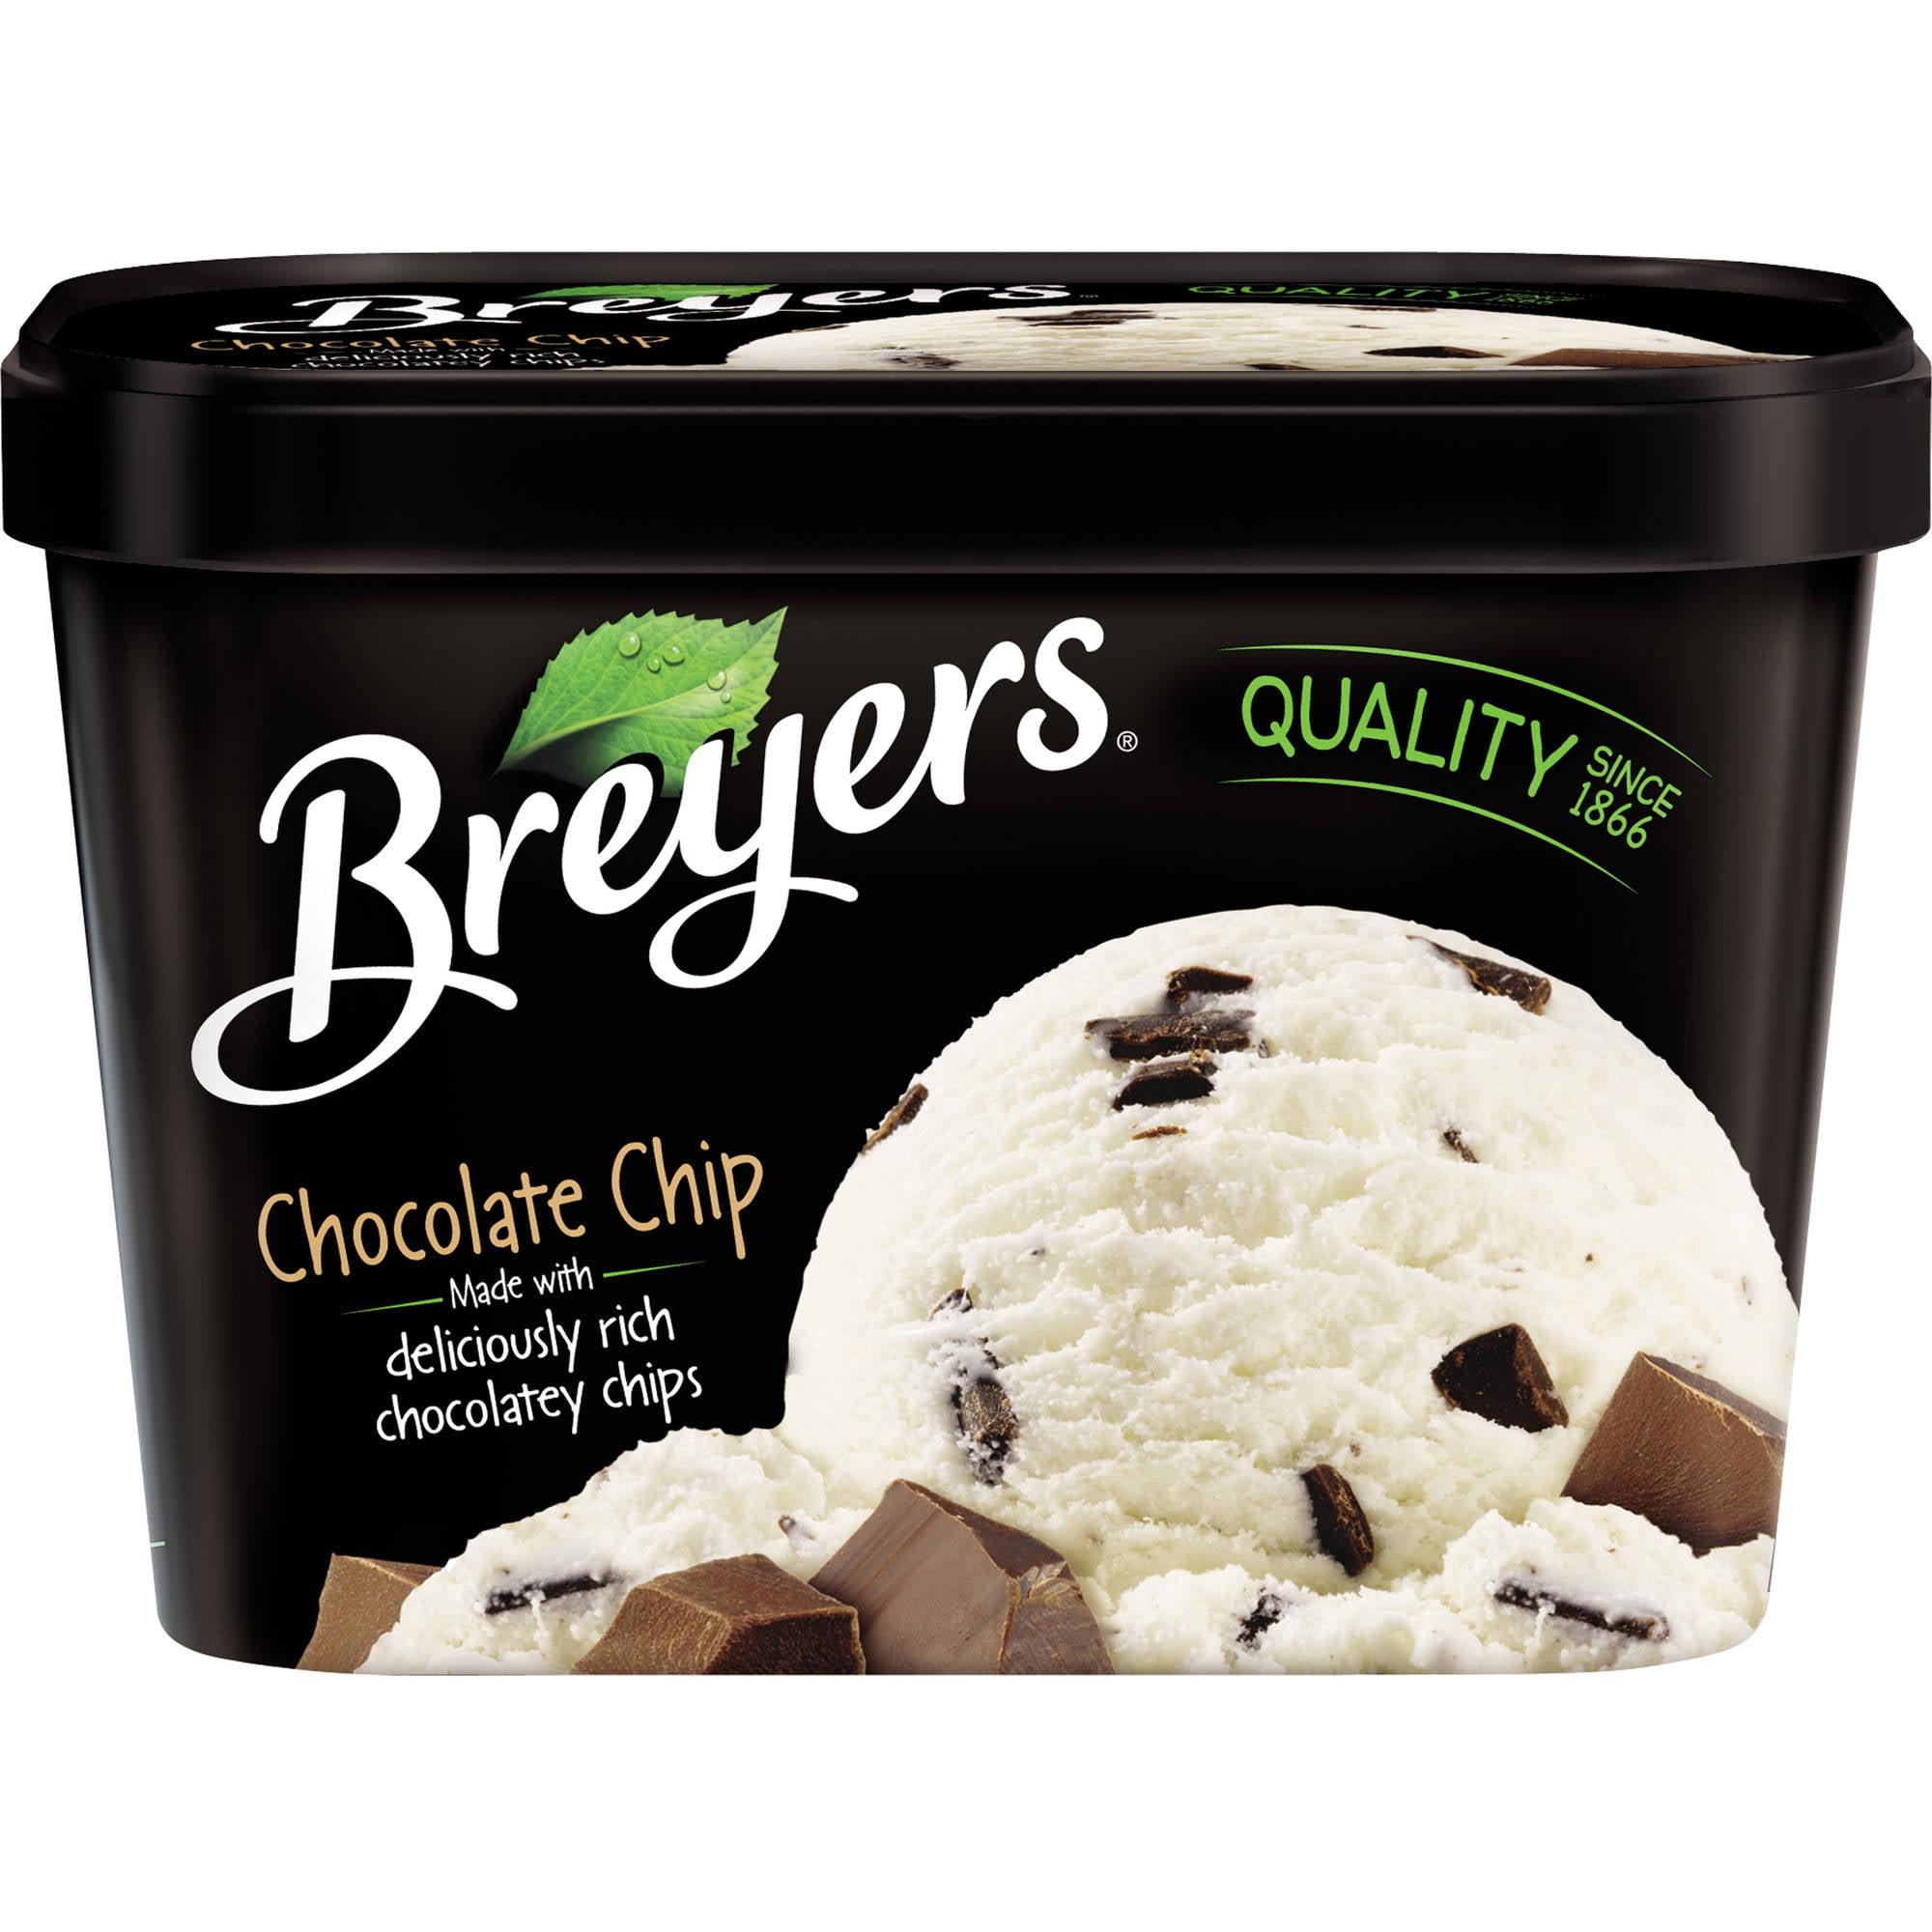 Breyers Chocolate Chip Frozen Dairy Dessert, 48 oz